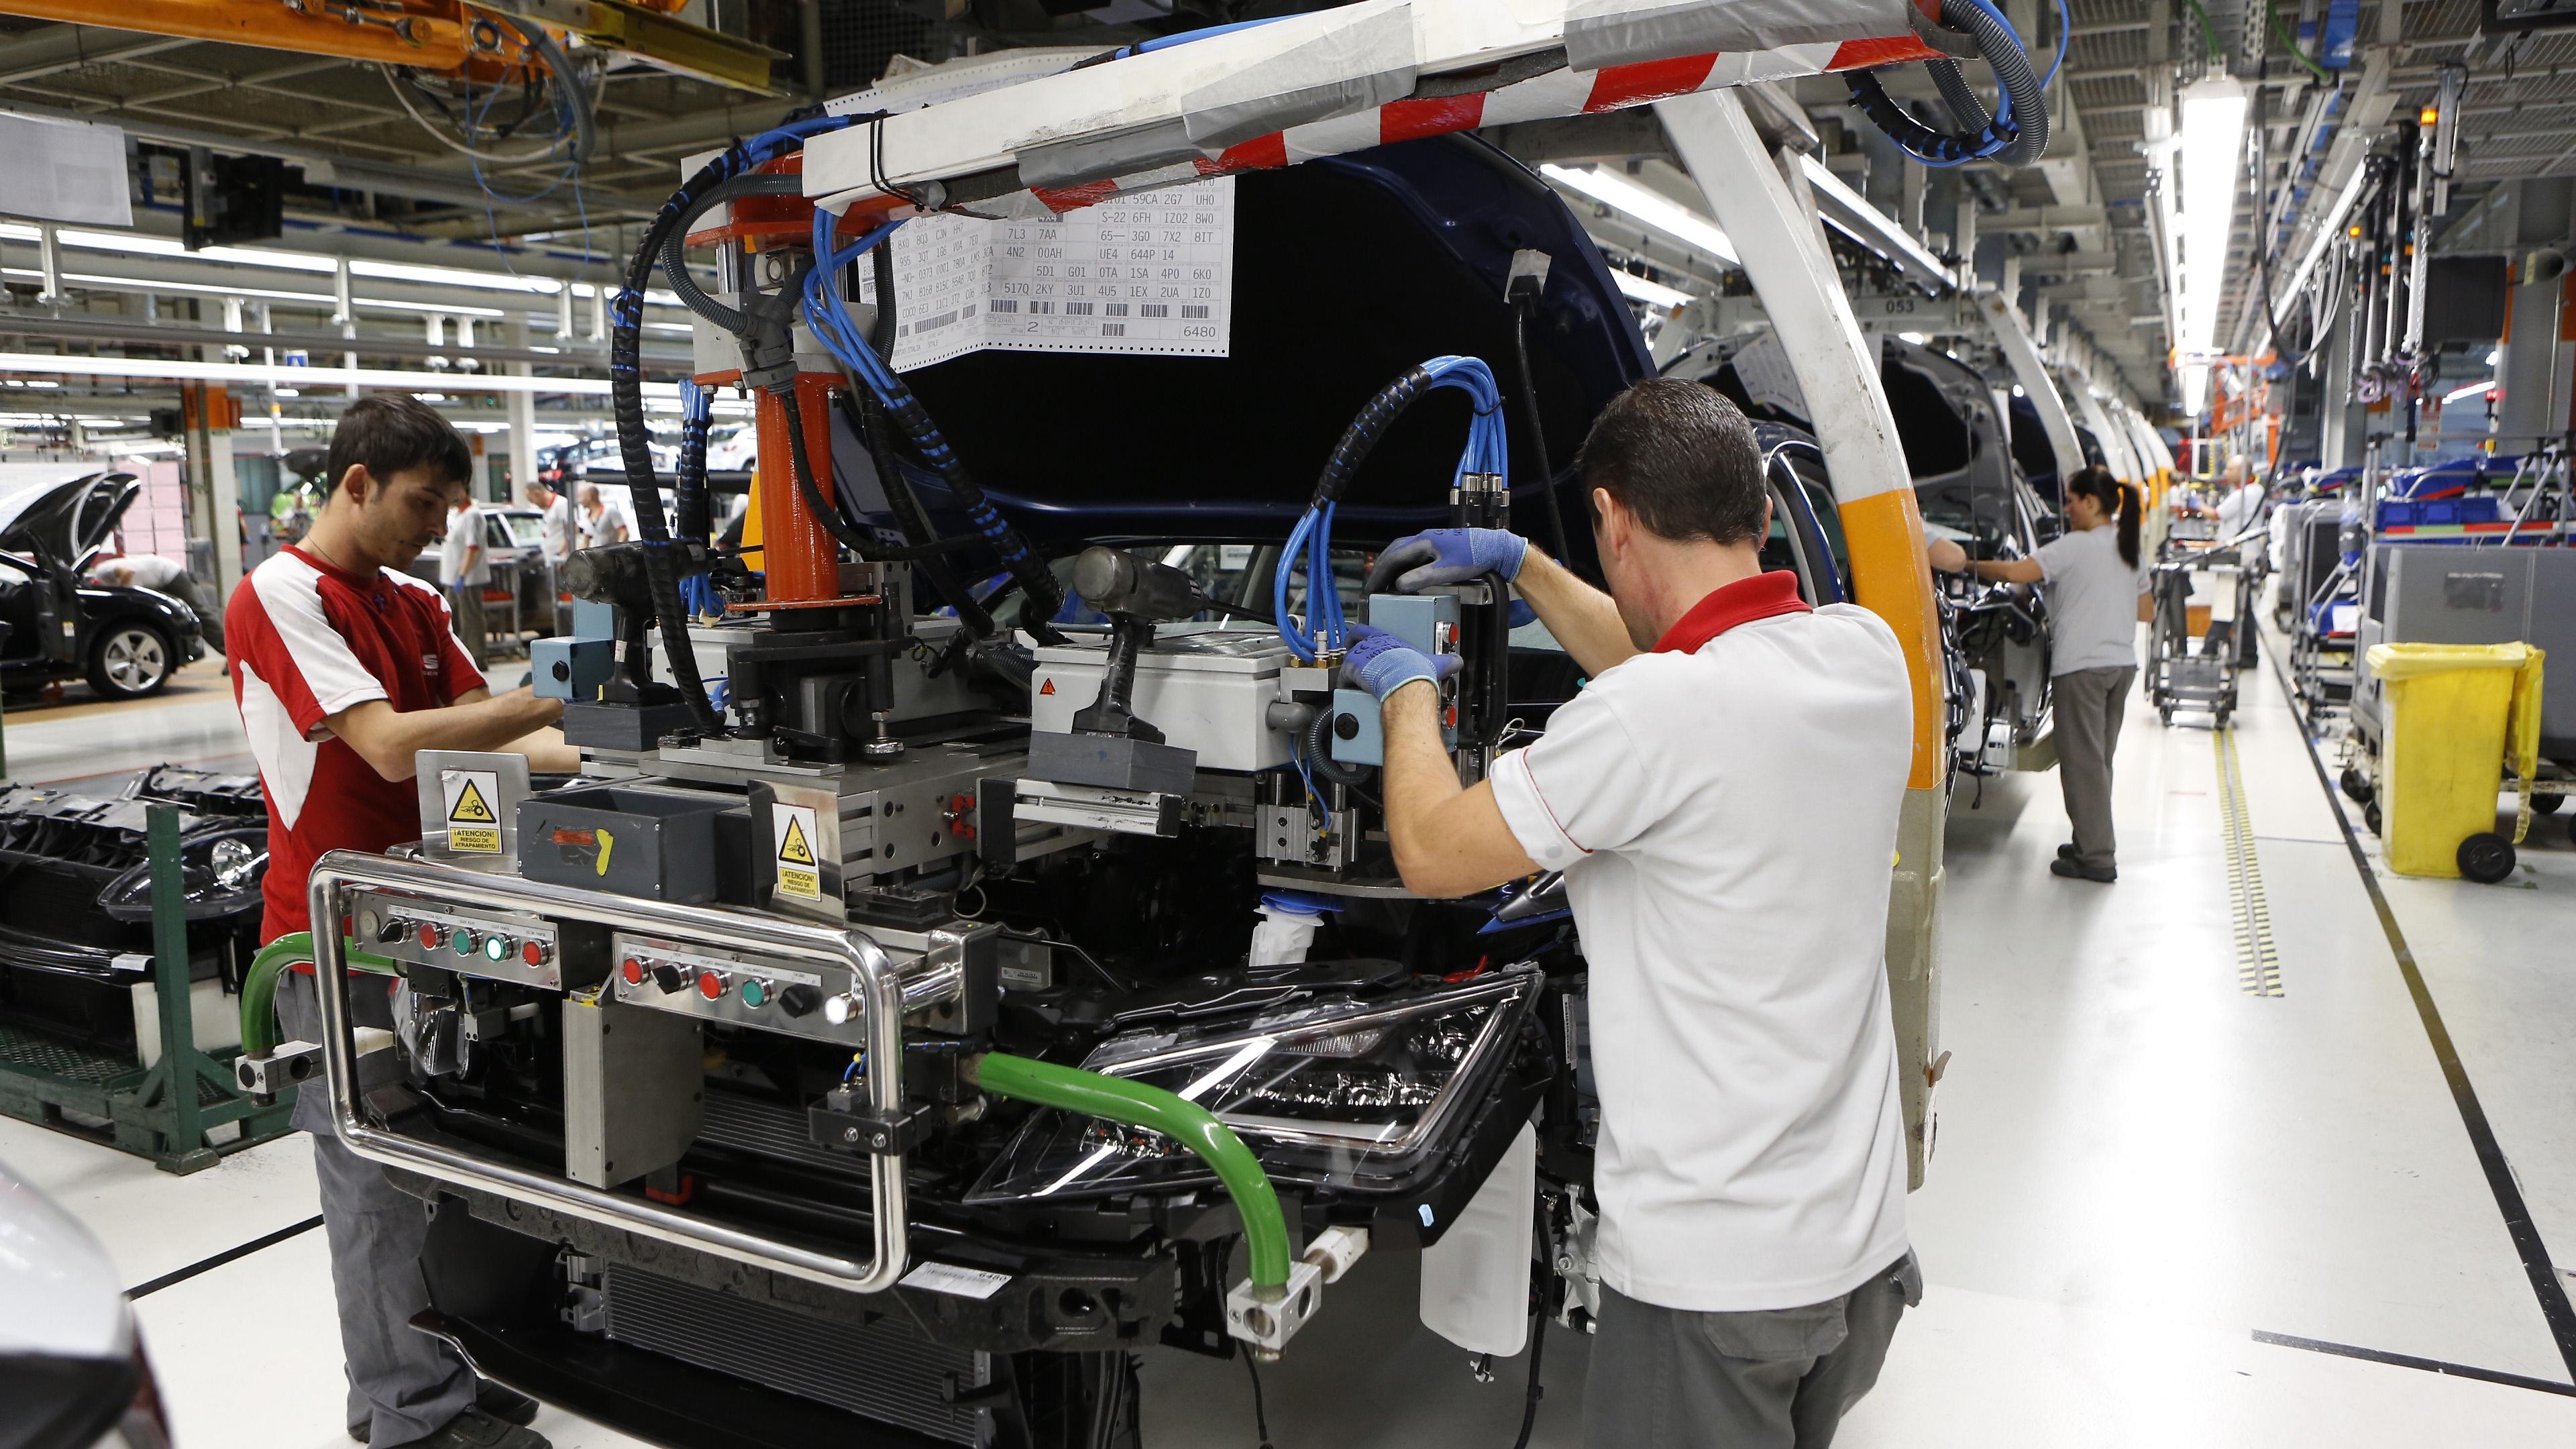 Mida autotööstusel keskkonna säästmiseks teha annab?